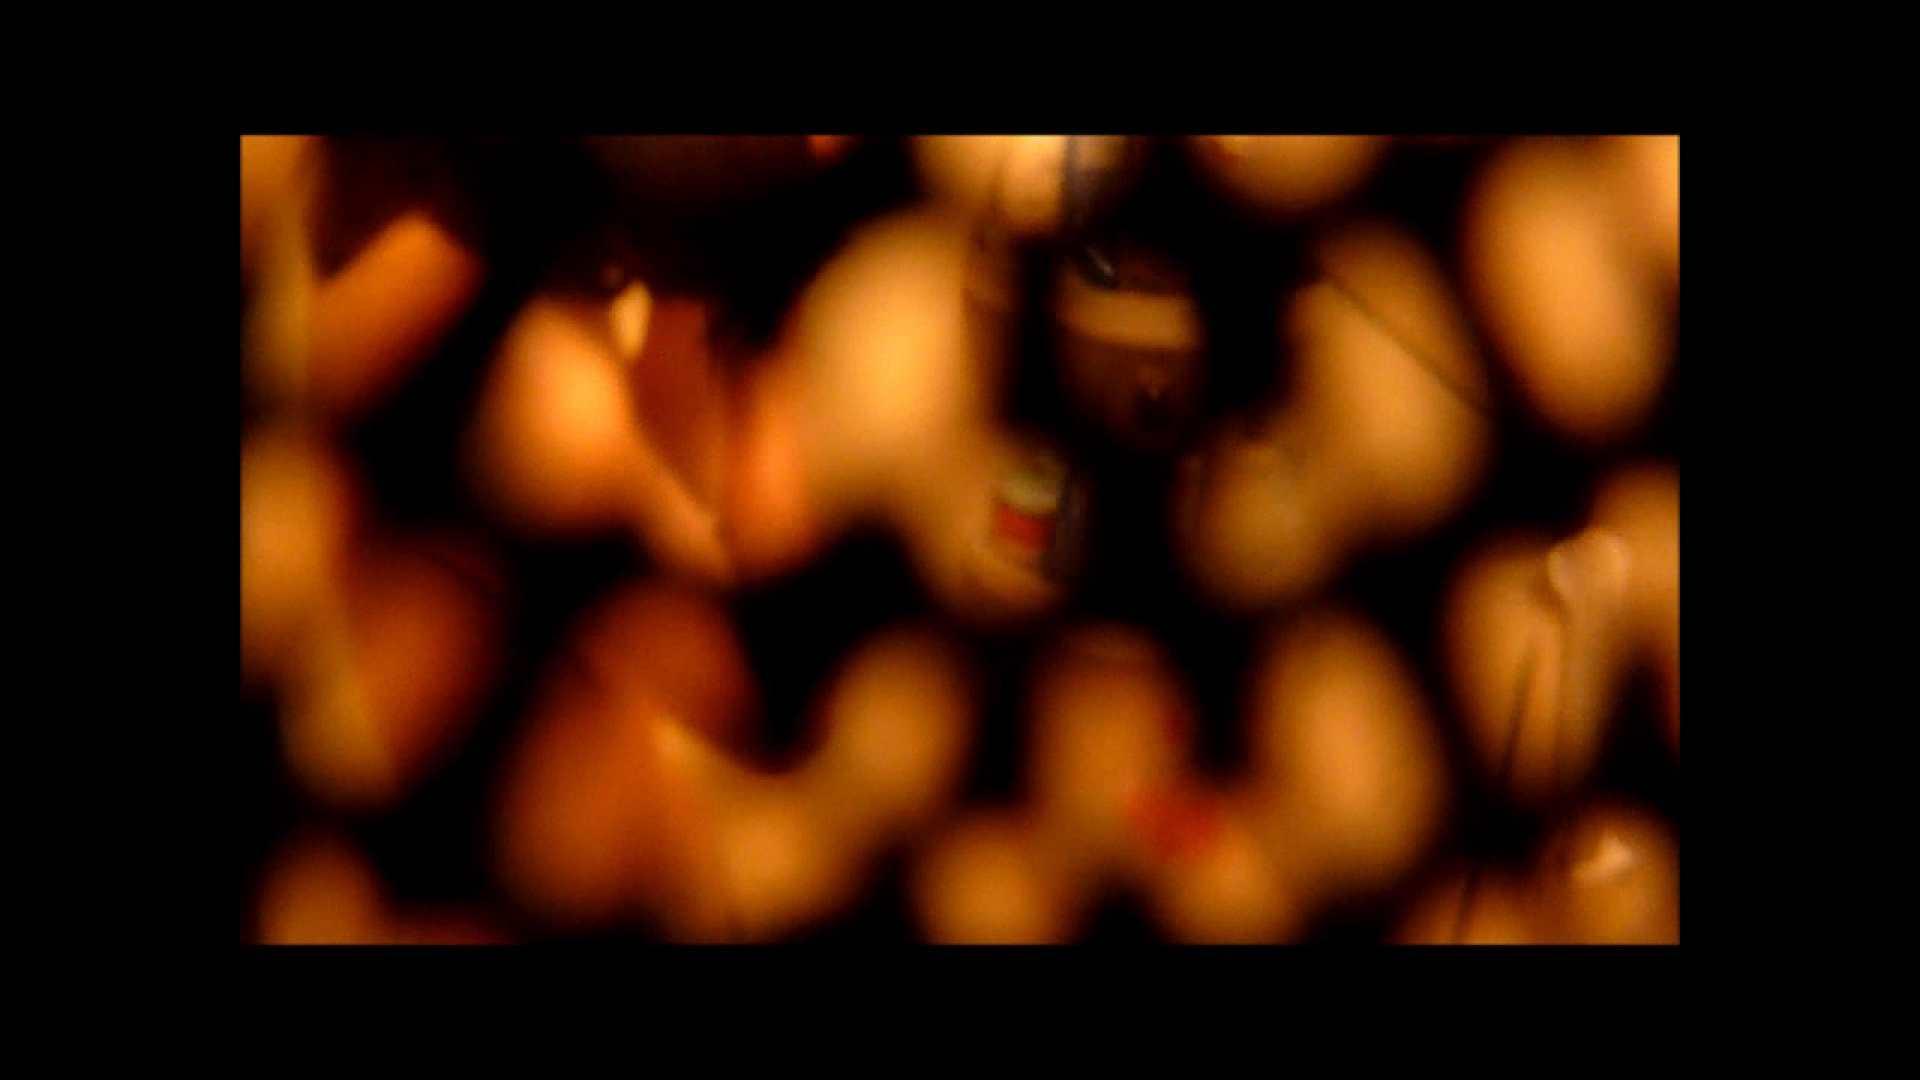 【02】ベランダに侵入して張り込みを始めて・・・やっと結果が出ました。 家宅侵入 | 0  82画像 20